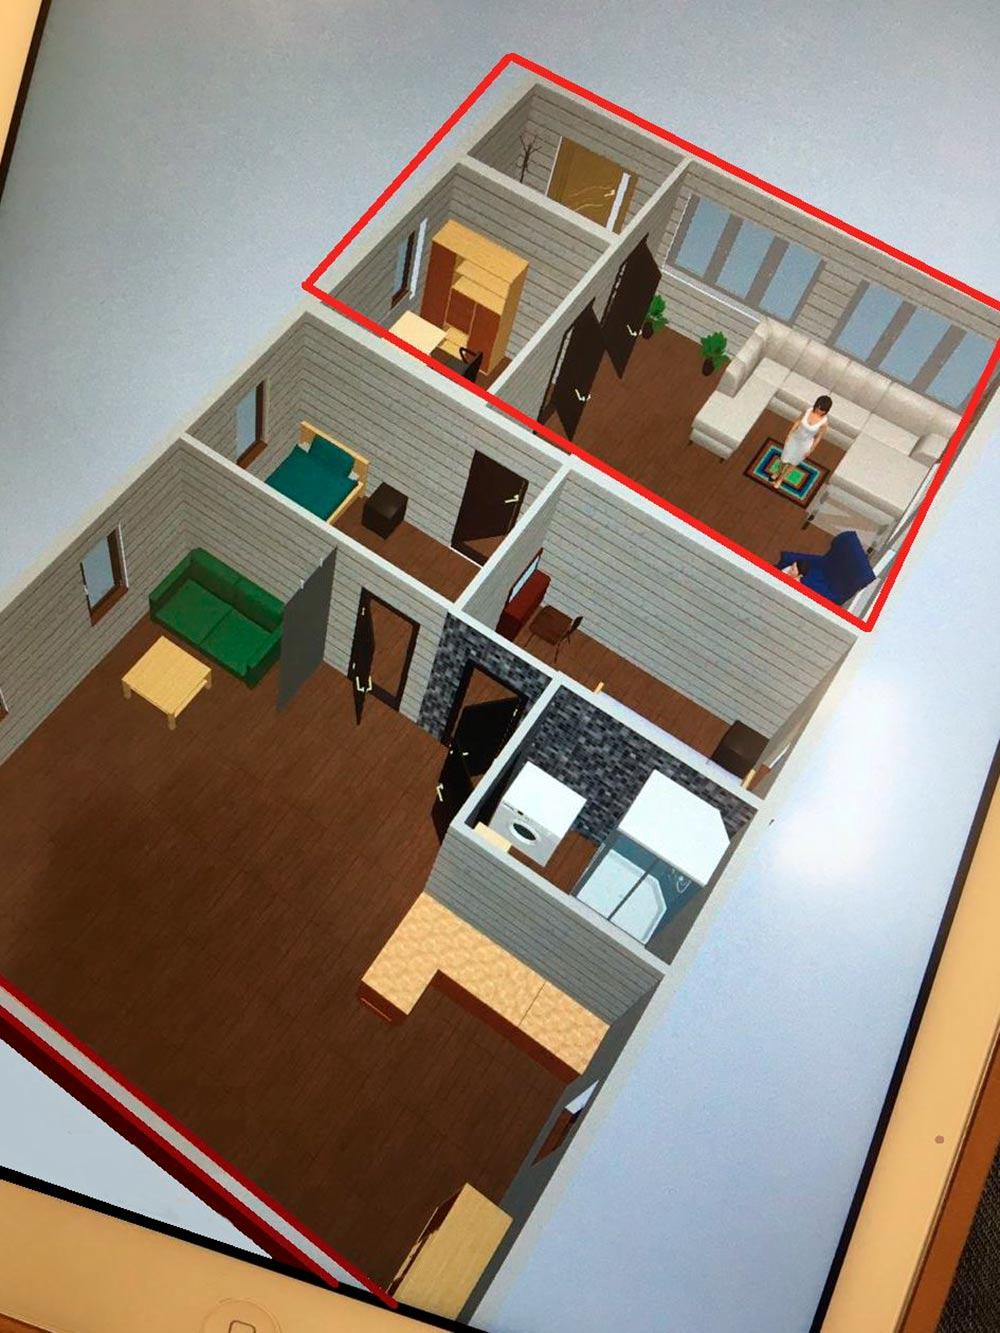 Красным выделена часть, которую мы планируем достроить. Там будет зимний вход, гардеробная и гостиная с панорамными окнами. Кухня-гостиная станет столовой с большим столом и стульями. Наша спальня-гардеробная будет проходной комнатой с уютным местом для{amp}amp;nbsp;сна